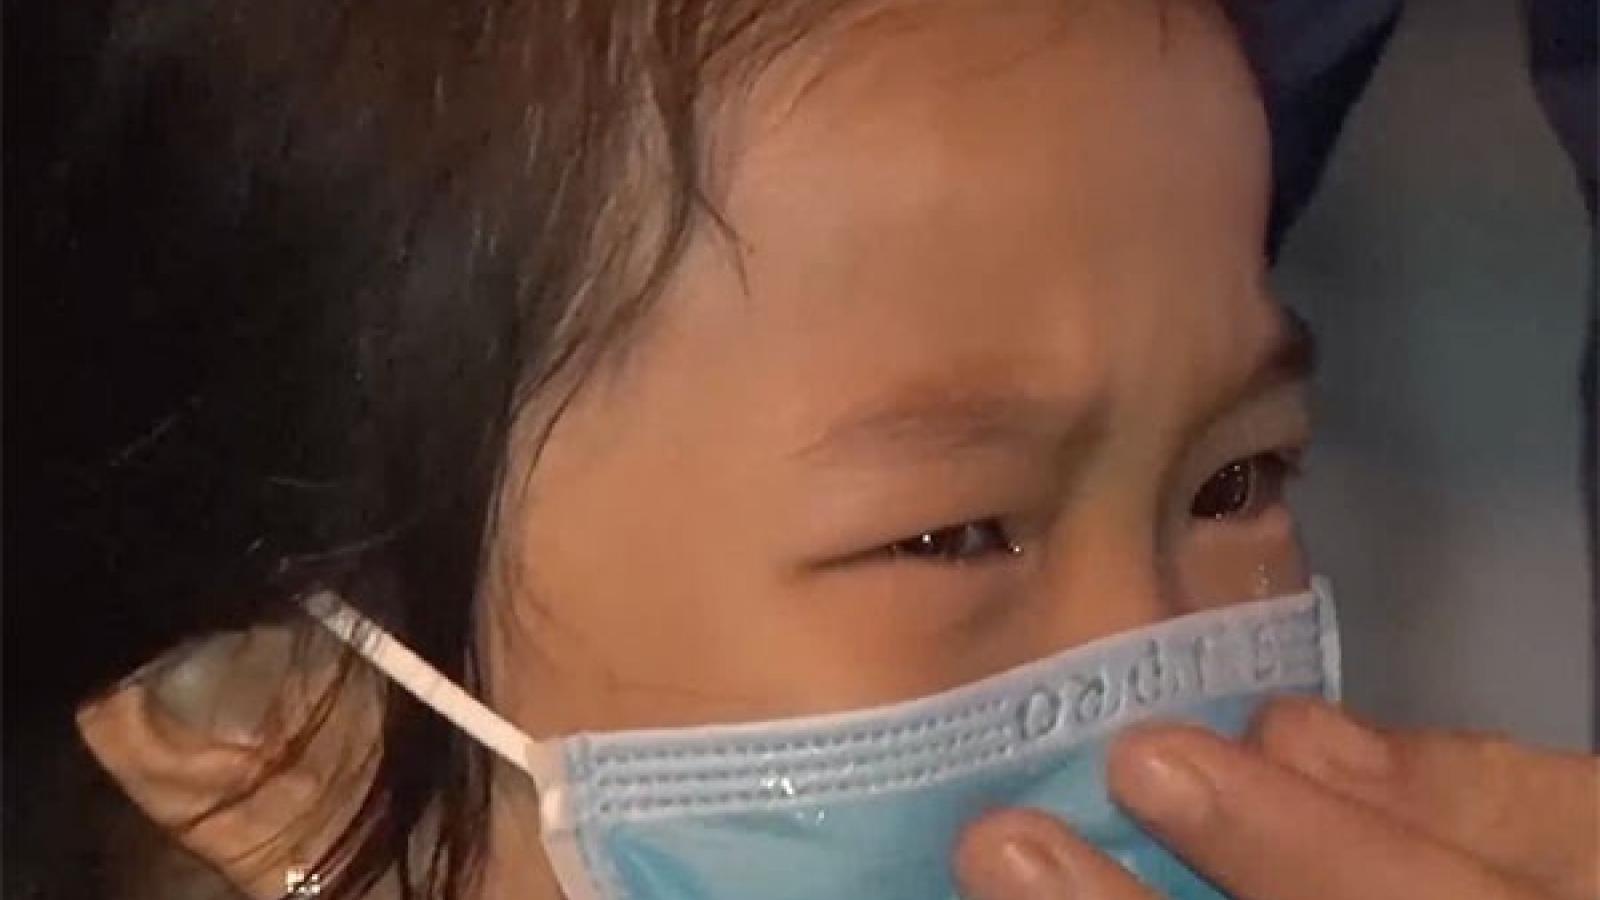 Nghẹn lòng giọt nước mắt con trẻ xa mẹ mùa dịch!